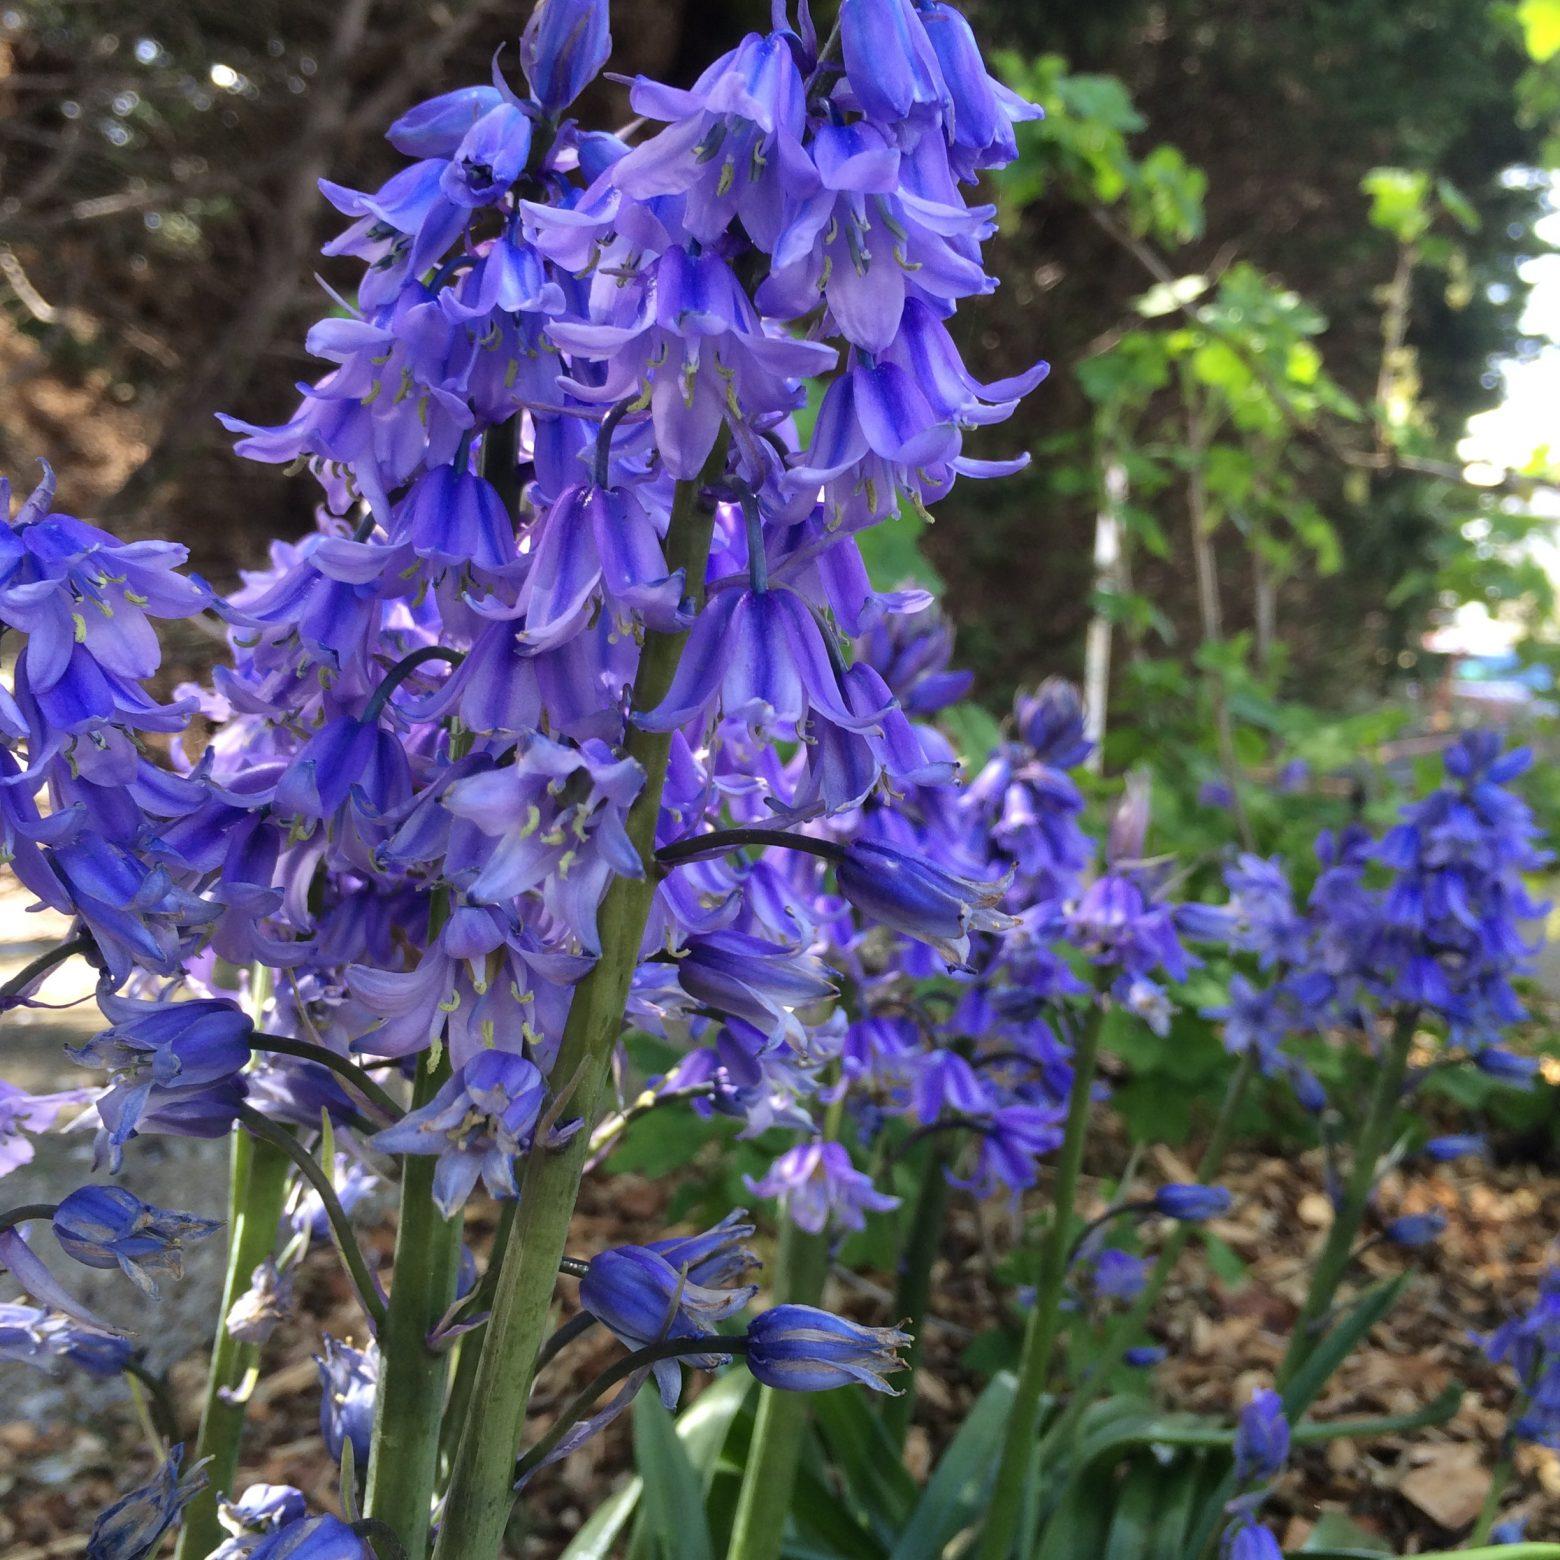 Violet lovely flowers